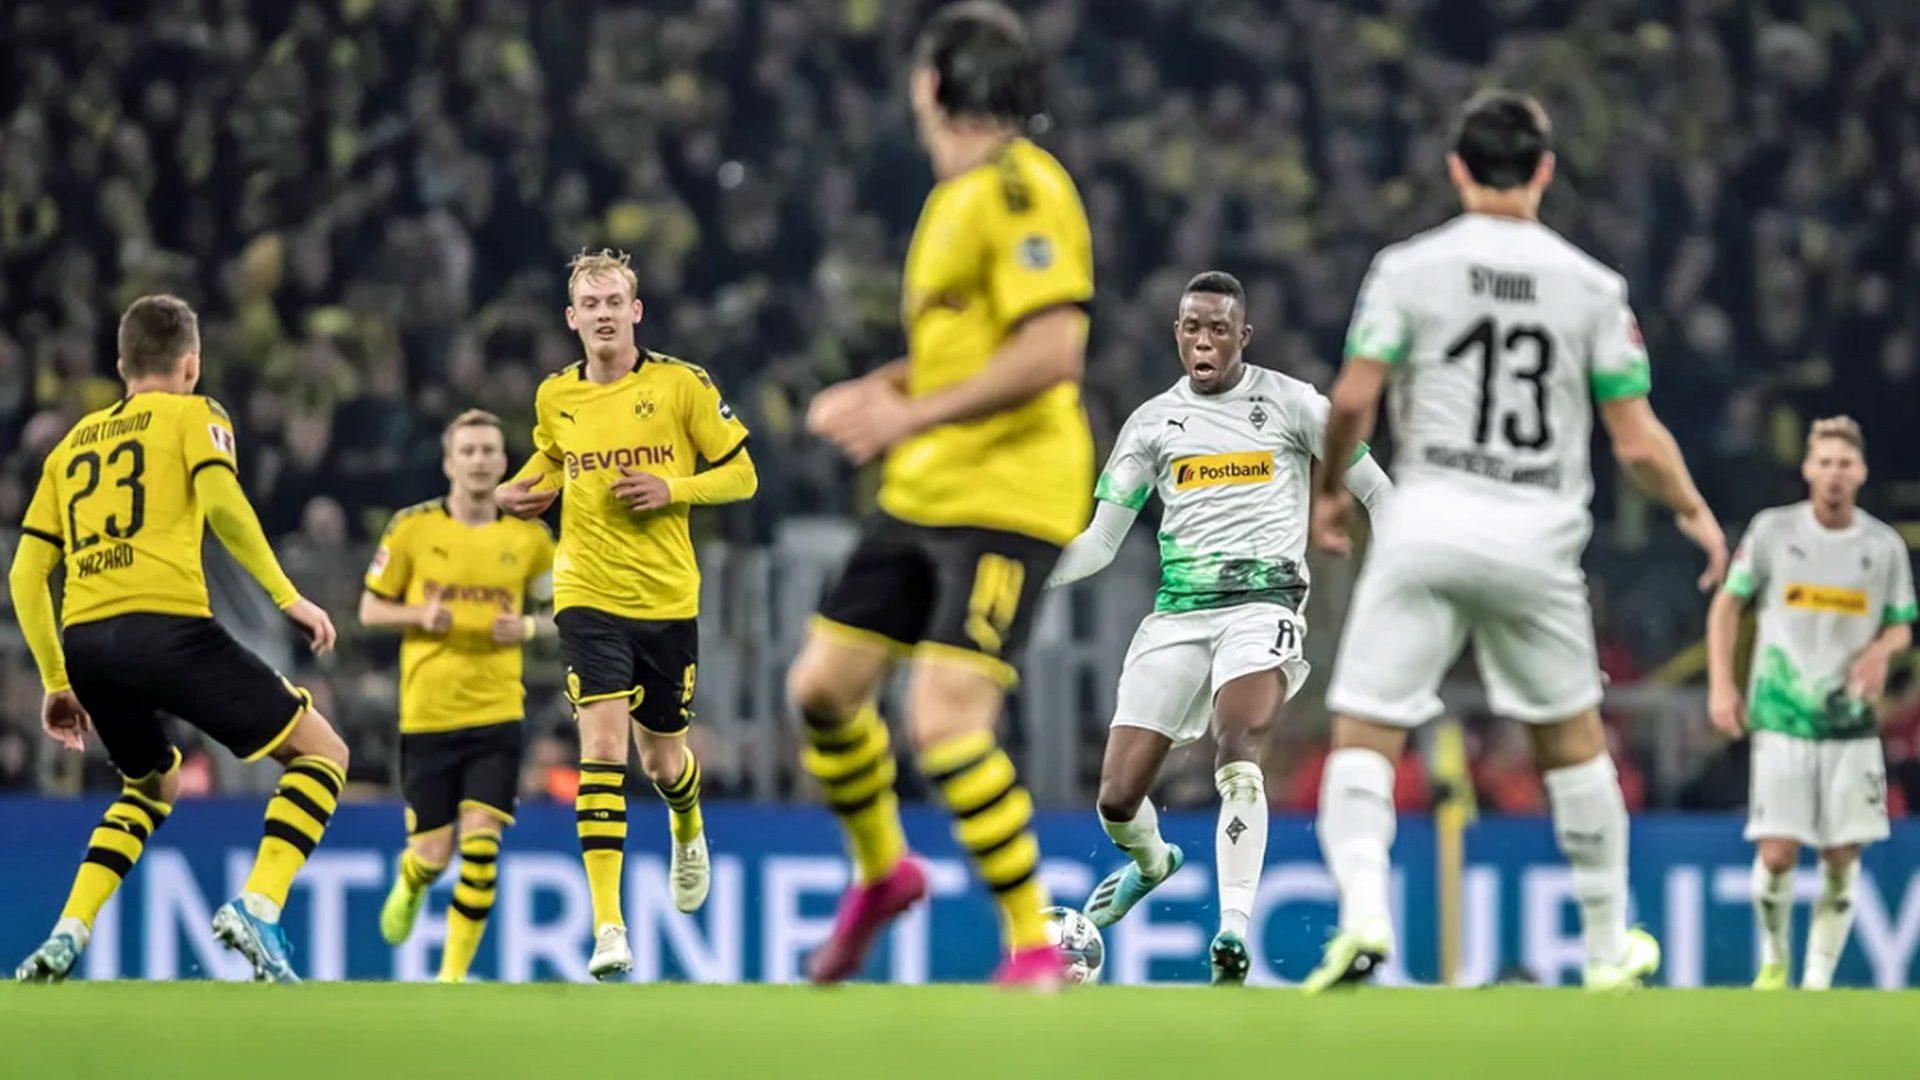 Dortmund vs Monchengladbach sẽ đối đầu với nhau như thế nào?